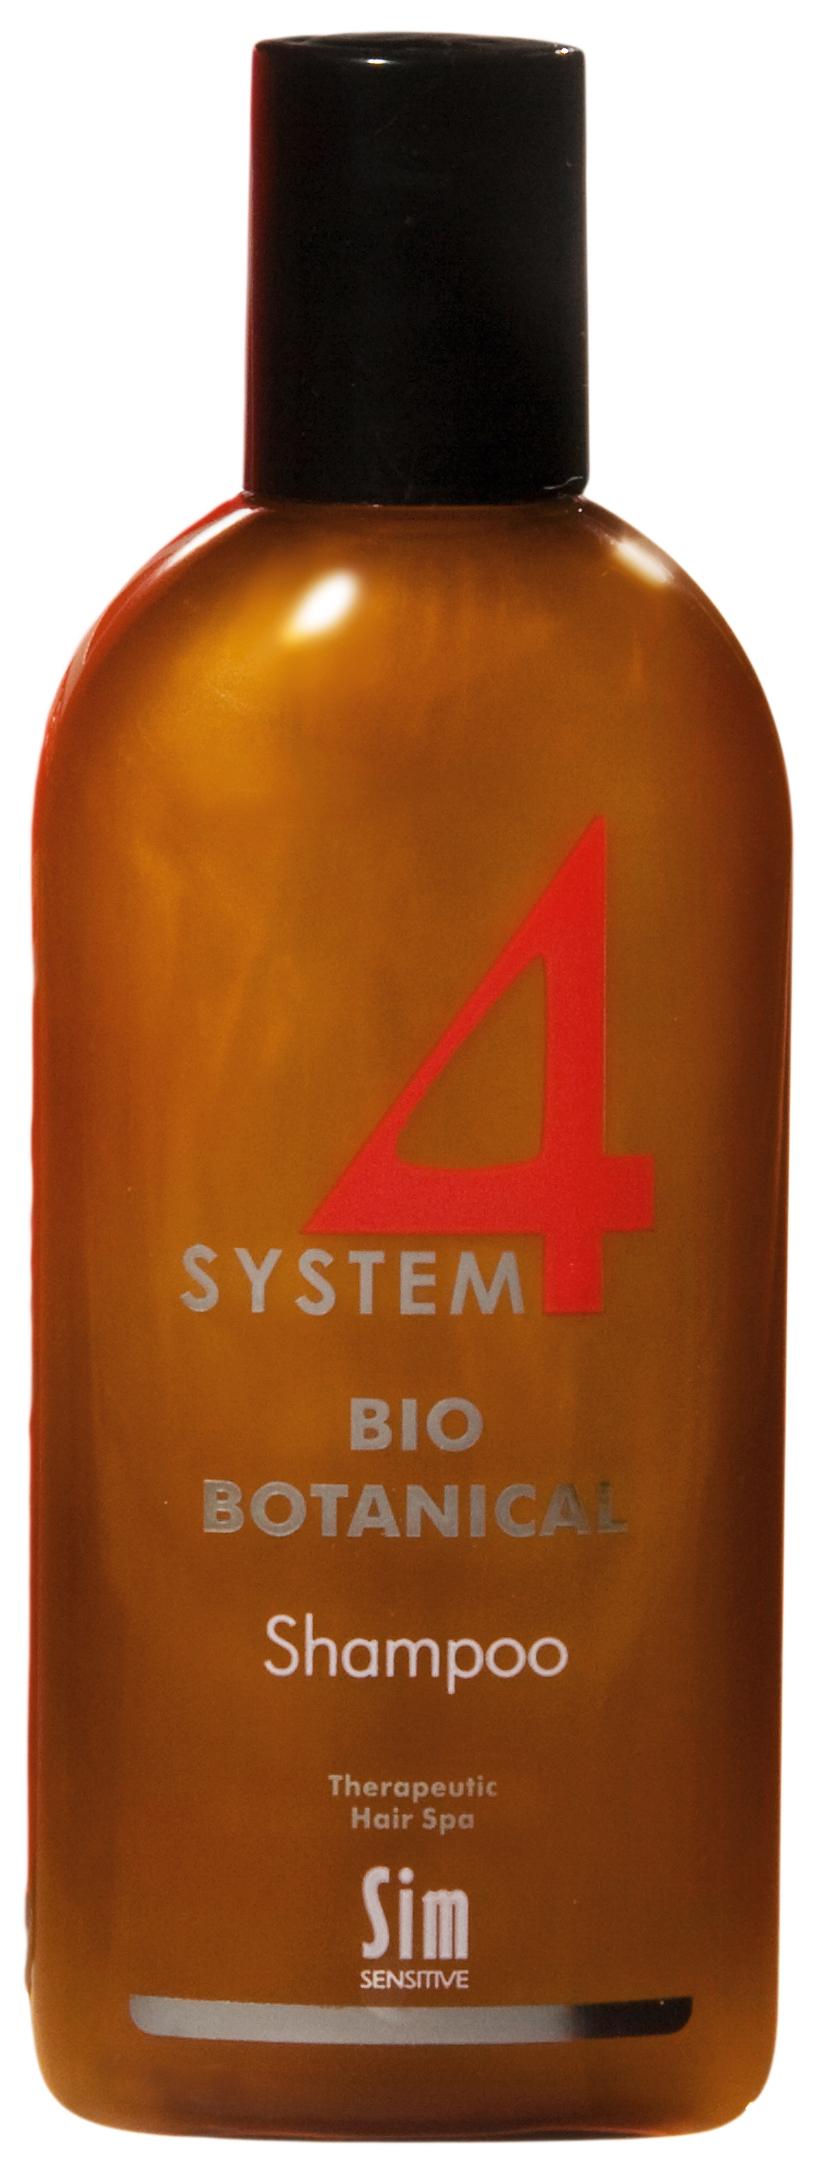 Шампунь Sim Sensitive System 4 Bio Botanical Shampoo для роста волос 215 мл